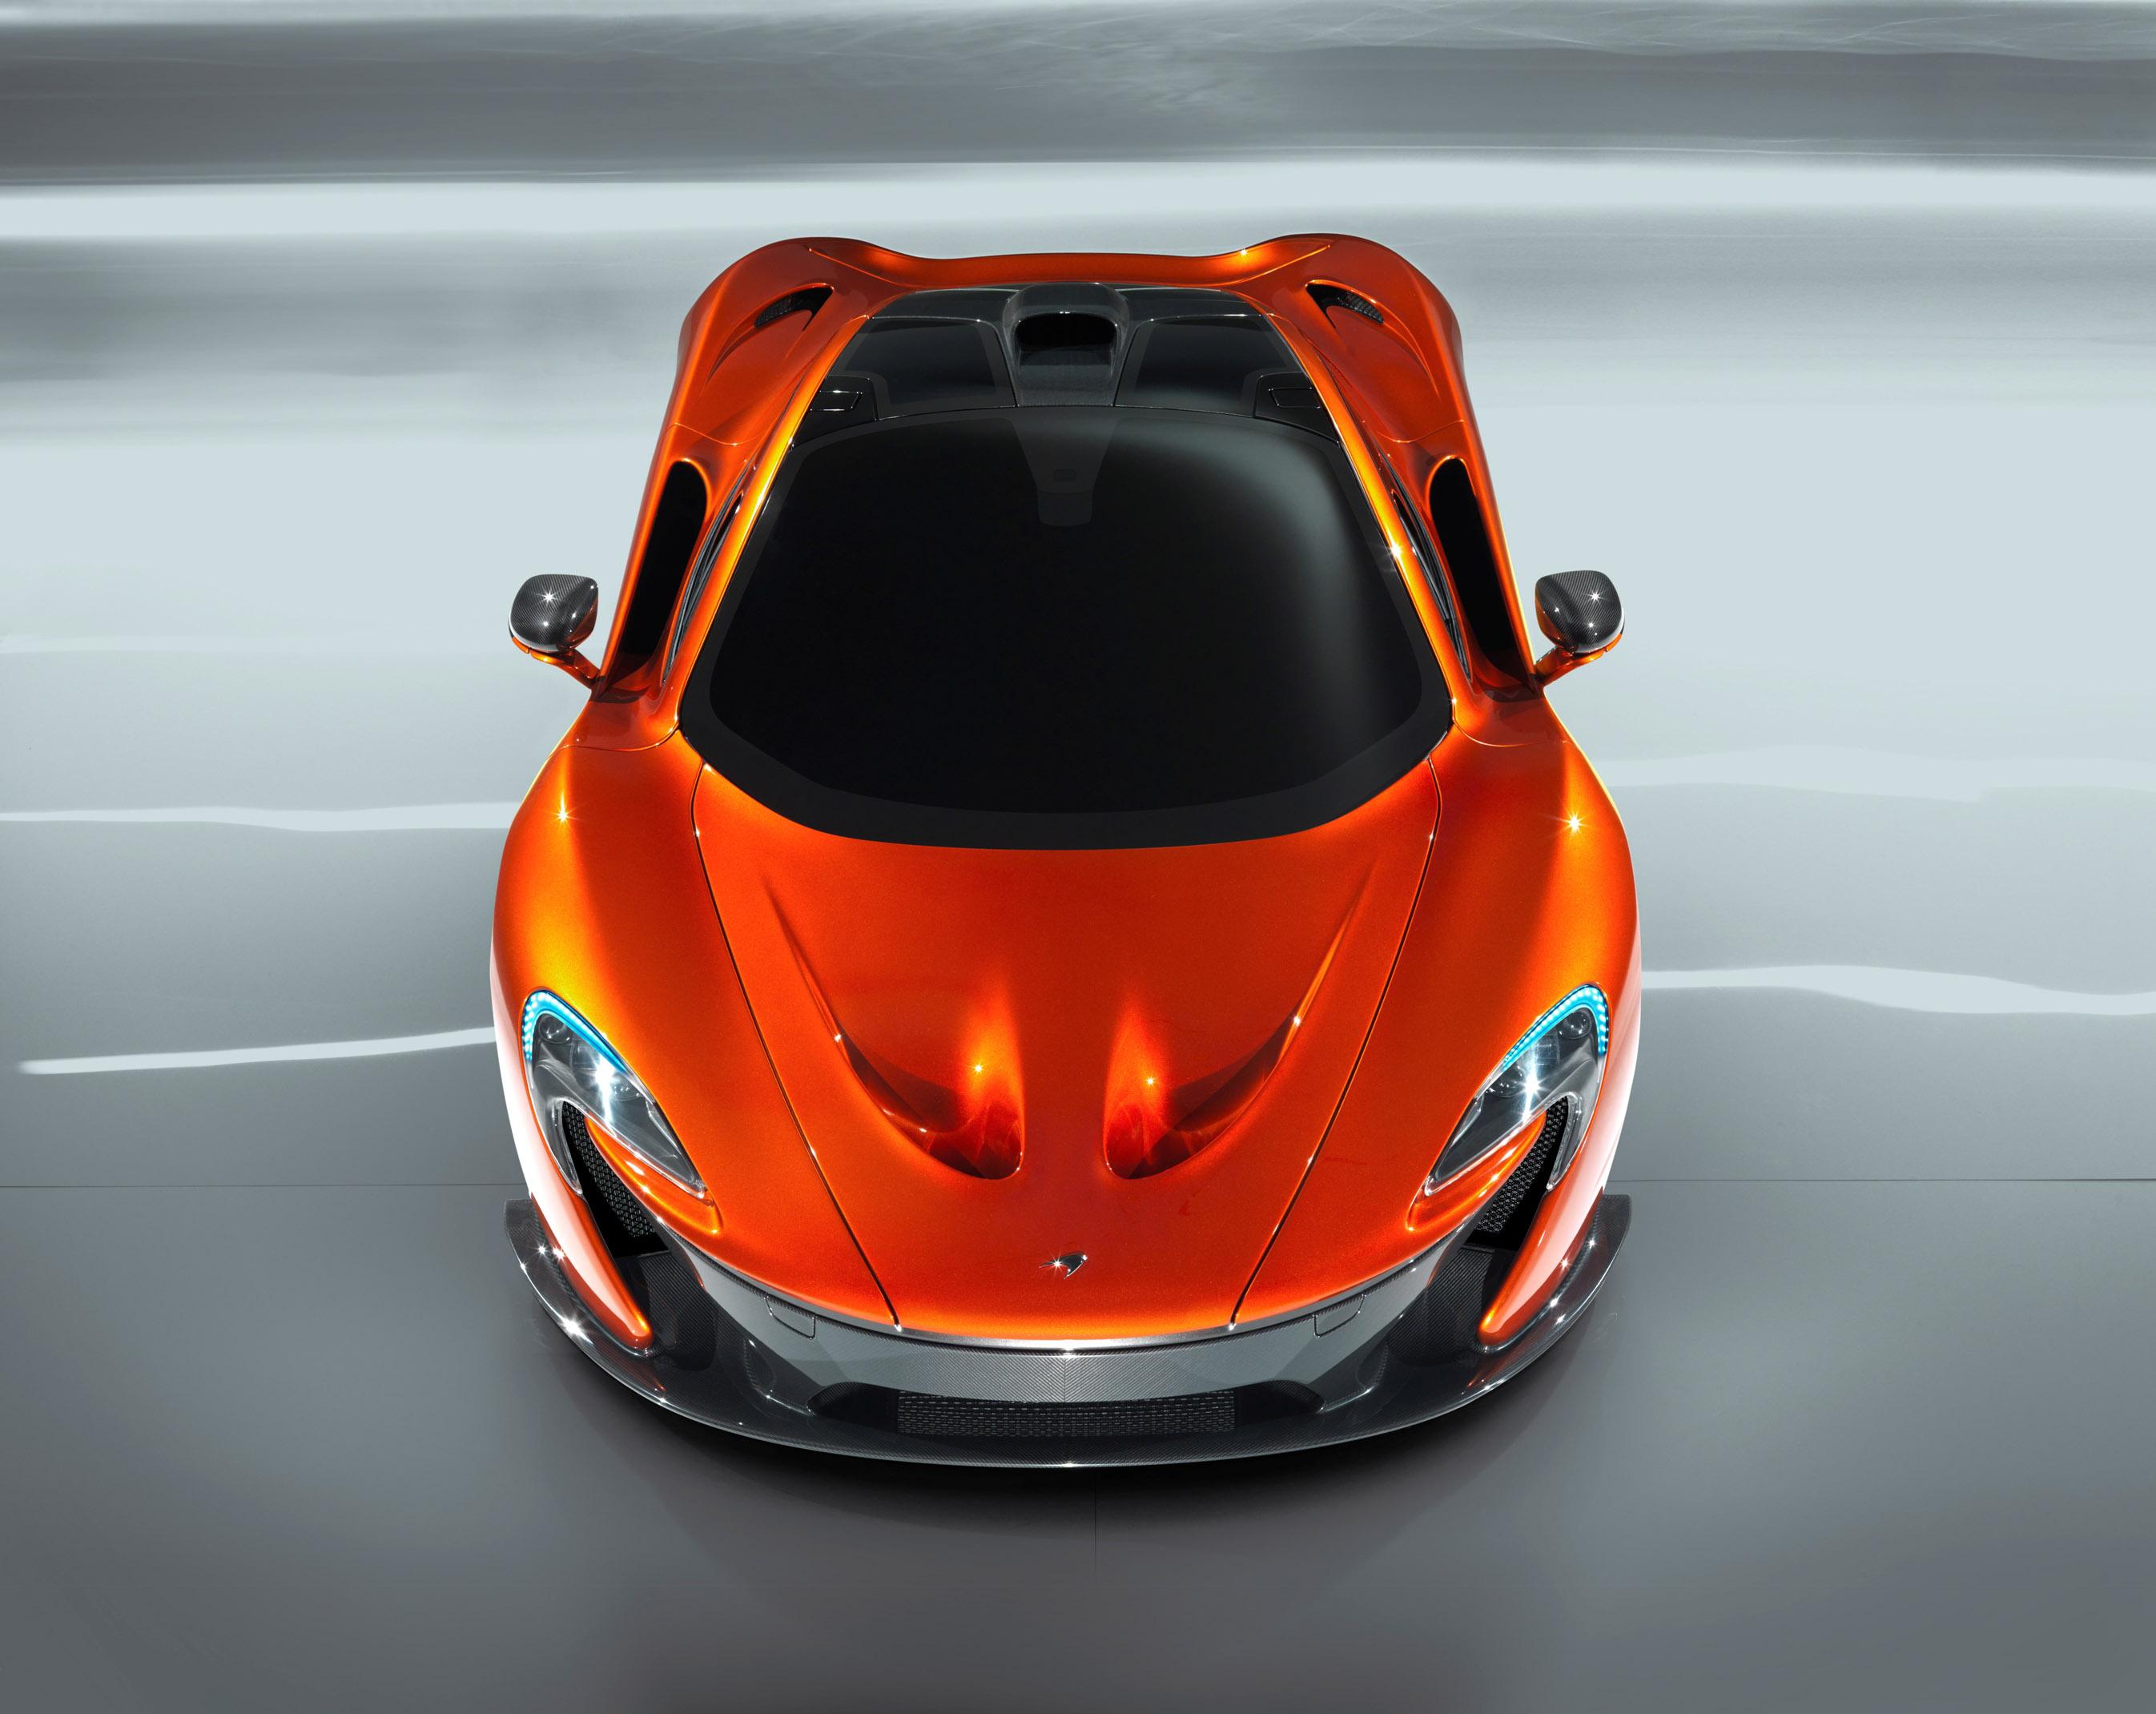 https://www.automobilesreview.com/img/mclaren-p1-concept/mclaren-p1-concept-06.jpg